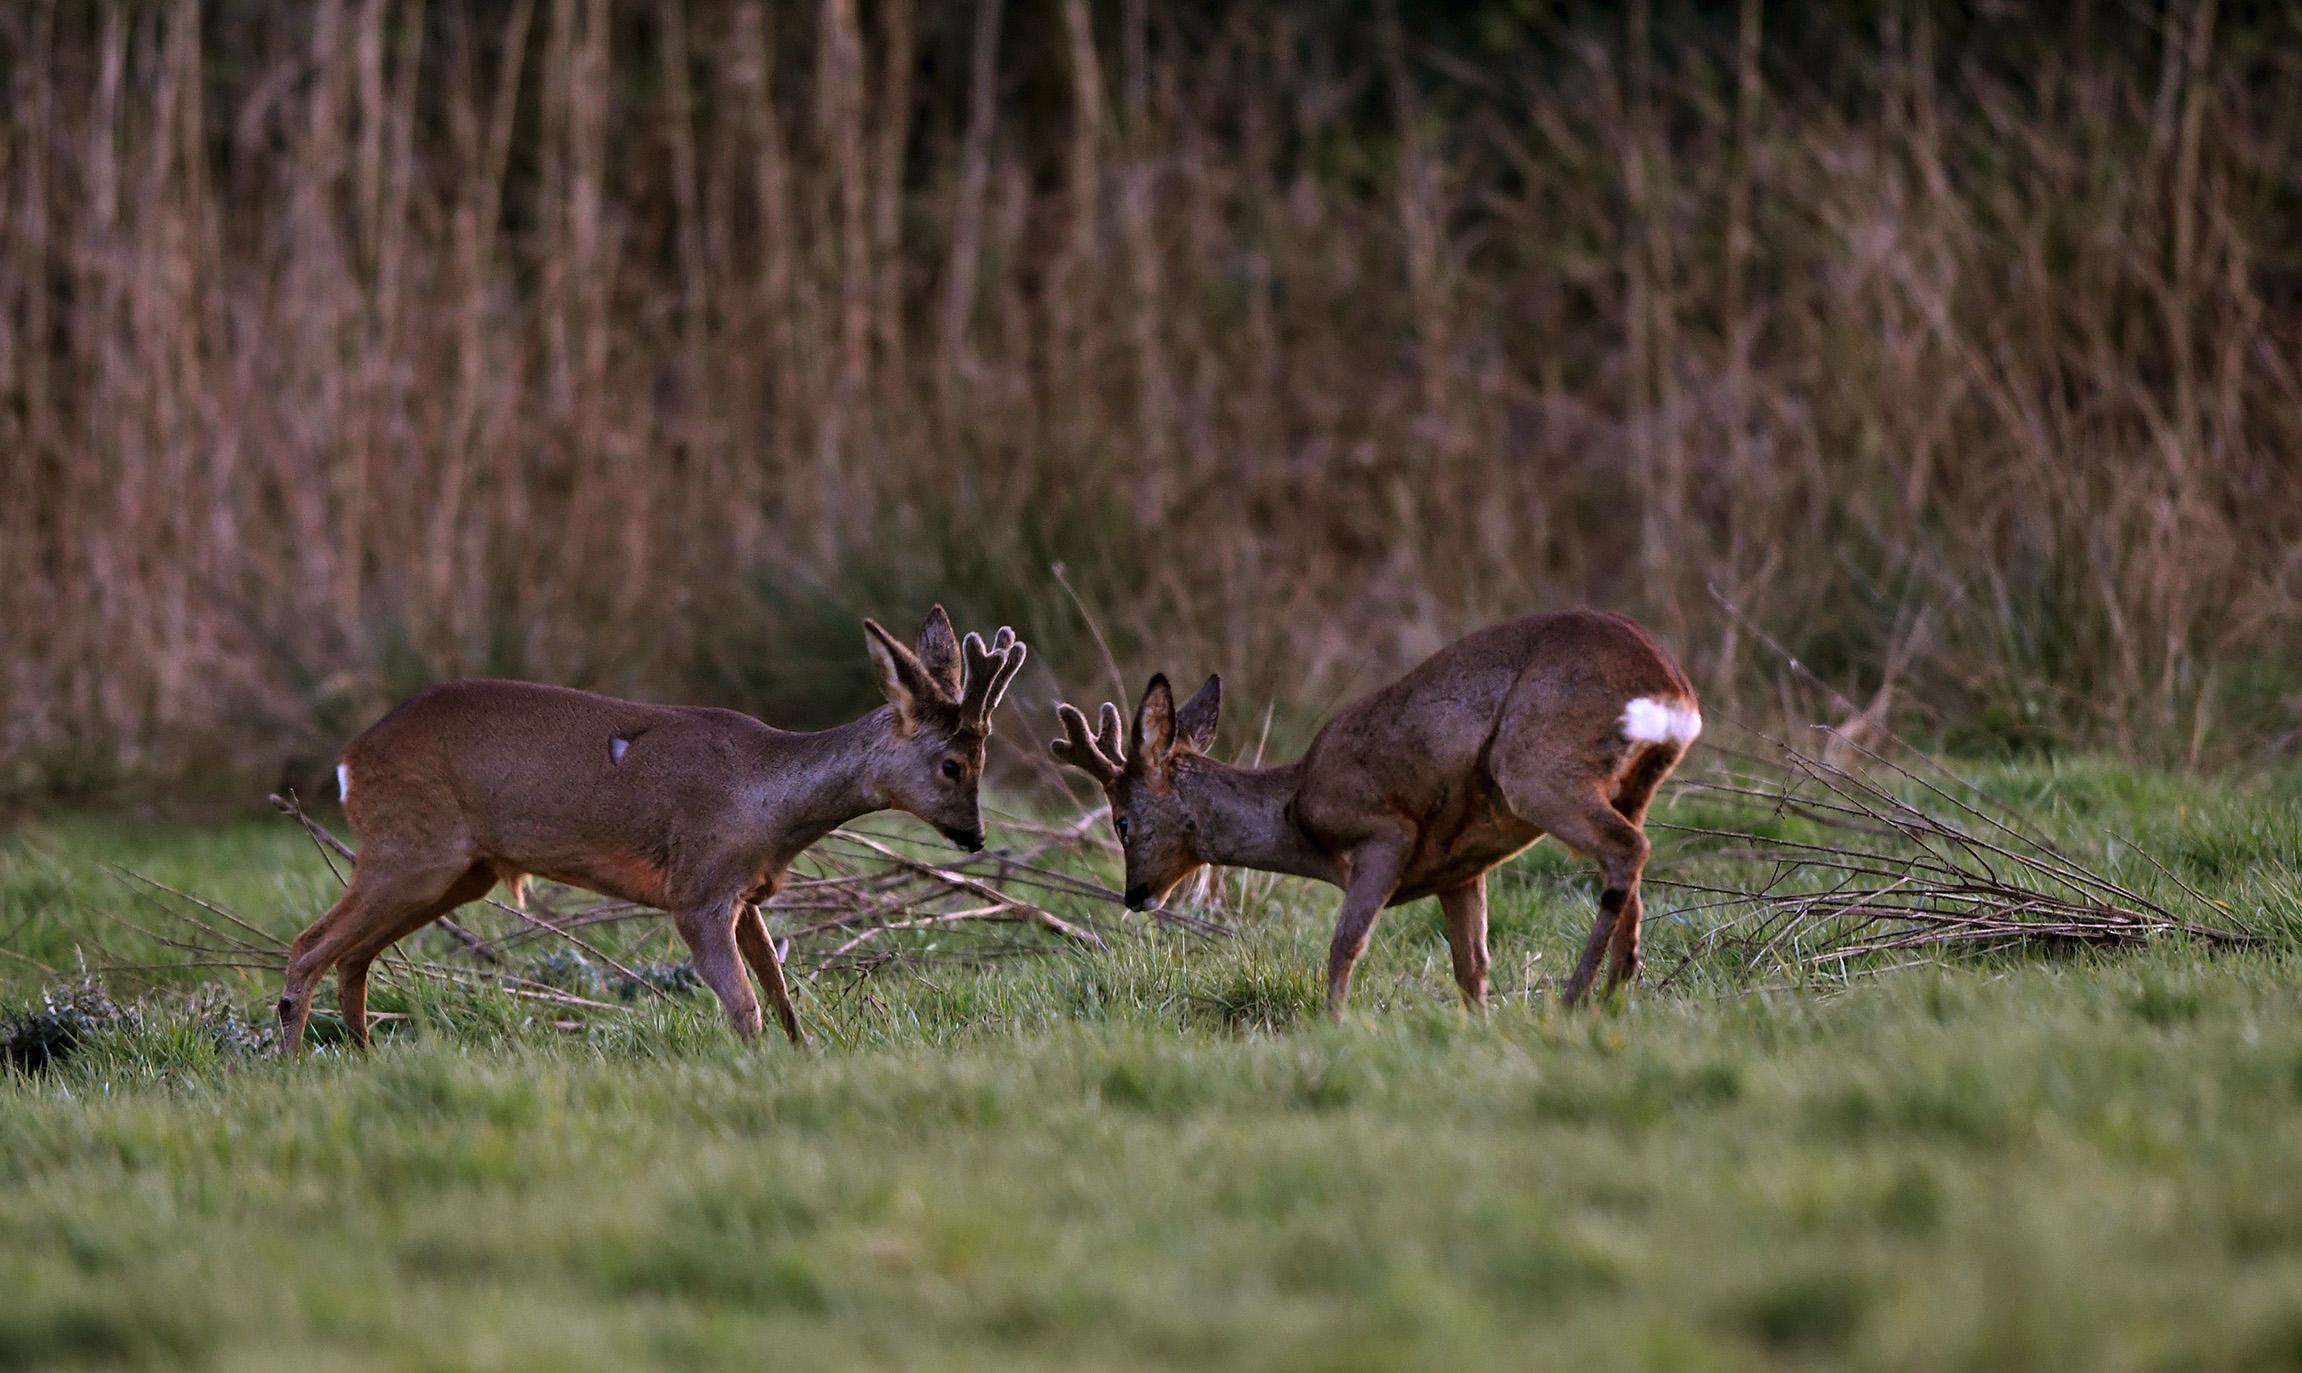 De tweelingbroers in bastgewei in het open veld - Foto: ©Louis Fraanje